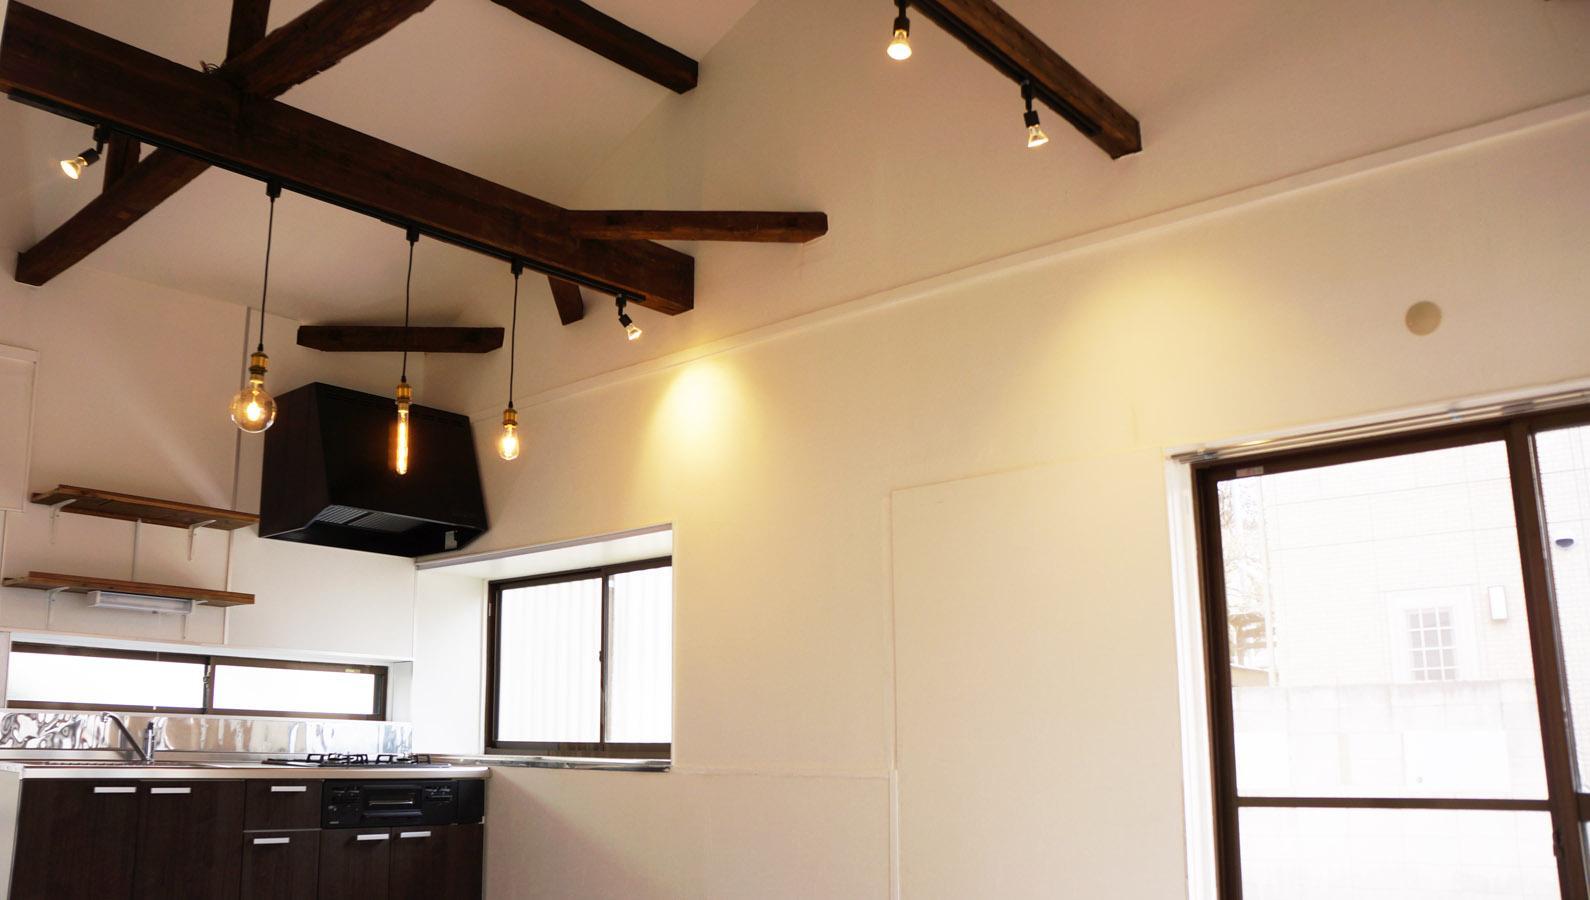 白く塗装された空間にこげ茶の梁型が映えています